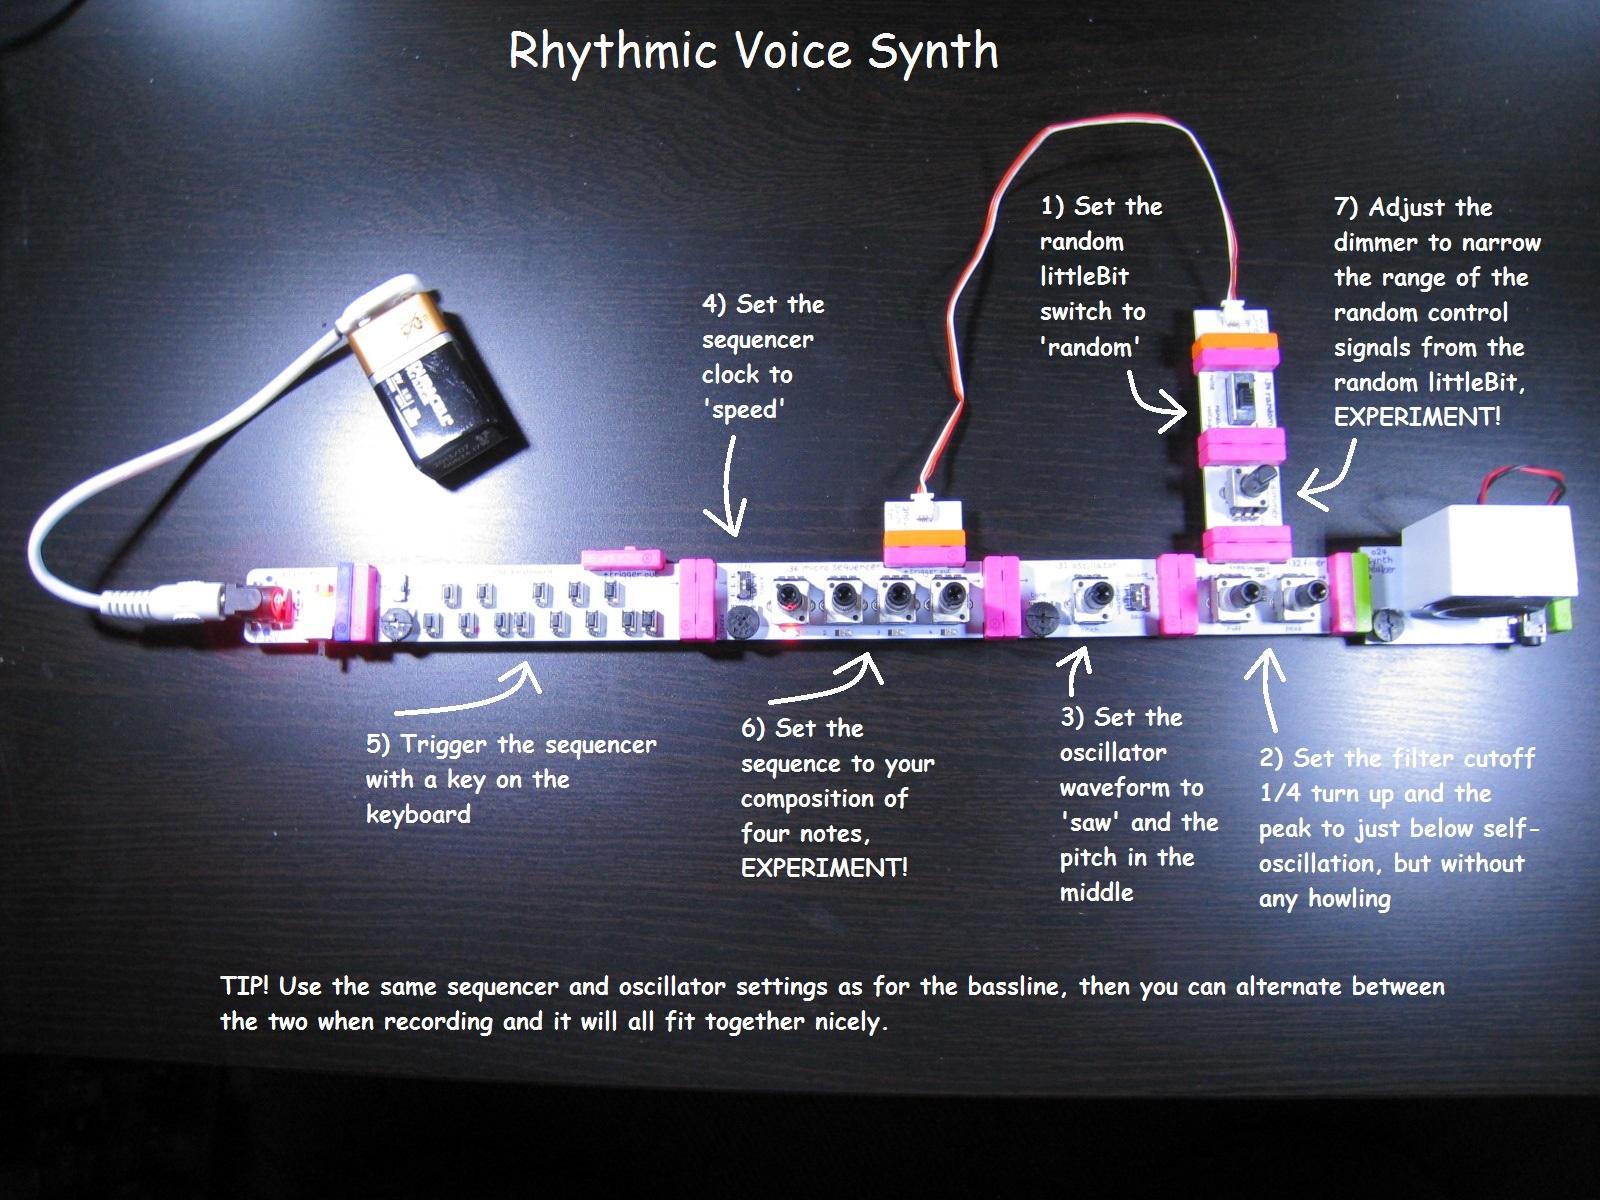 Rhythmic voice synth